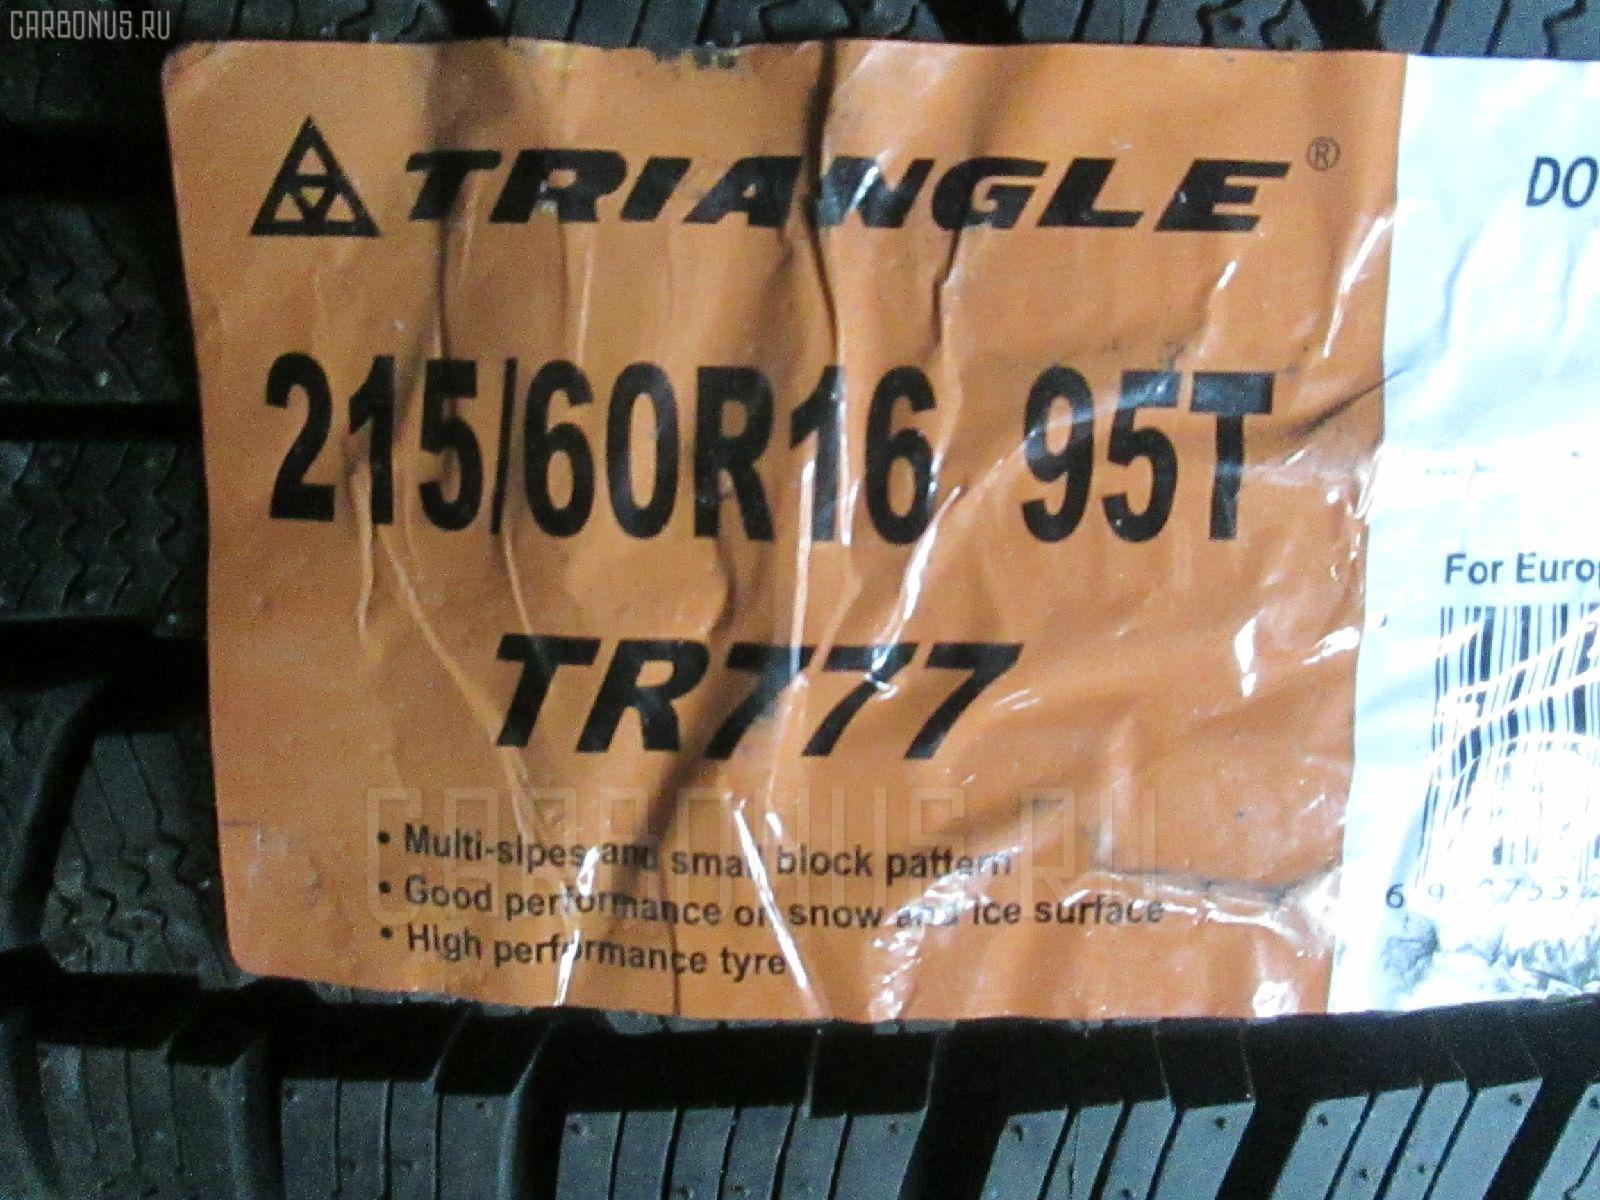 Автошина легковая зимняя TR777 215/60R16. Фото 1